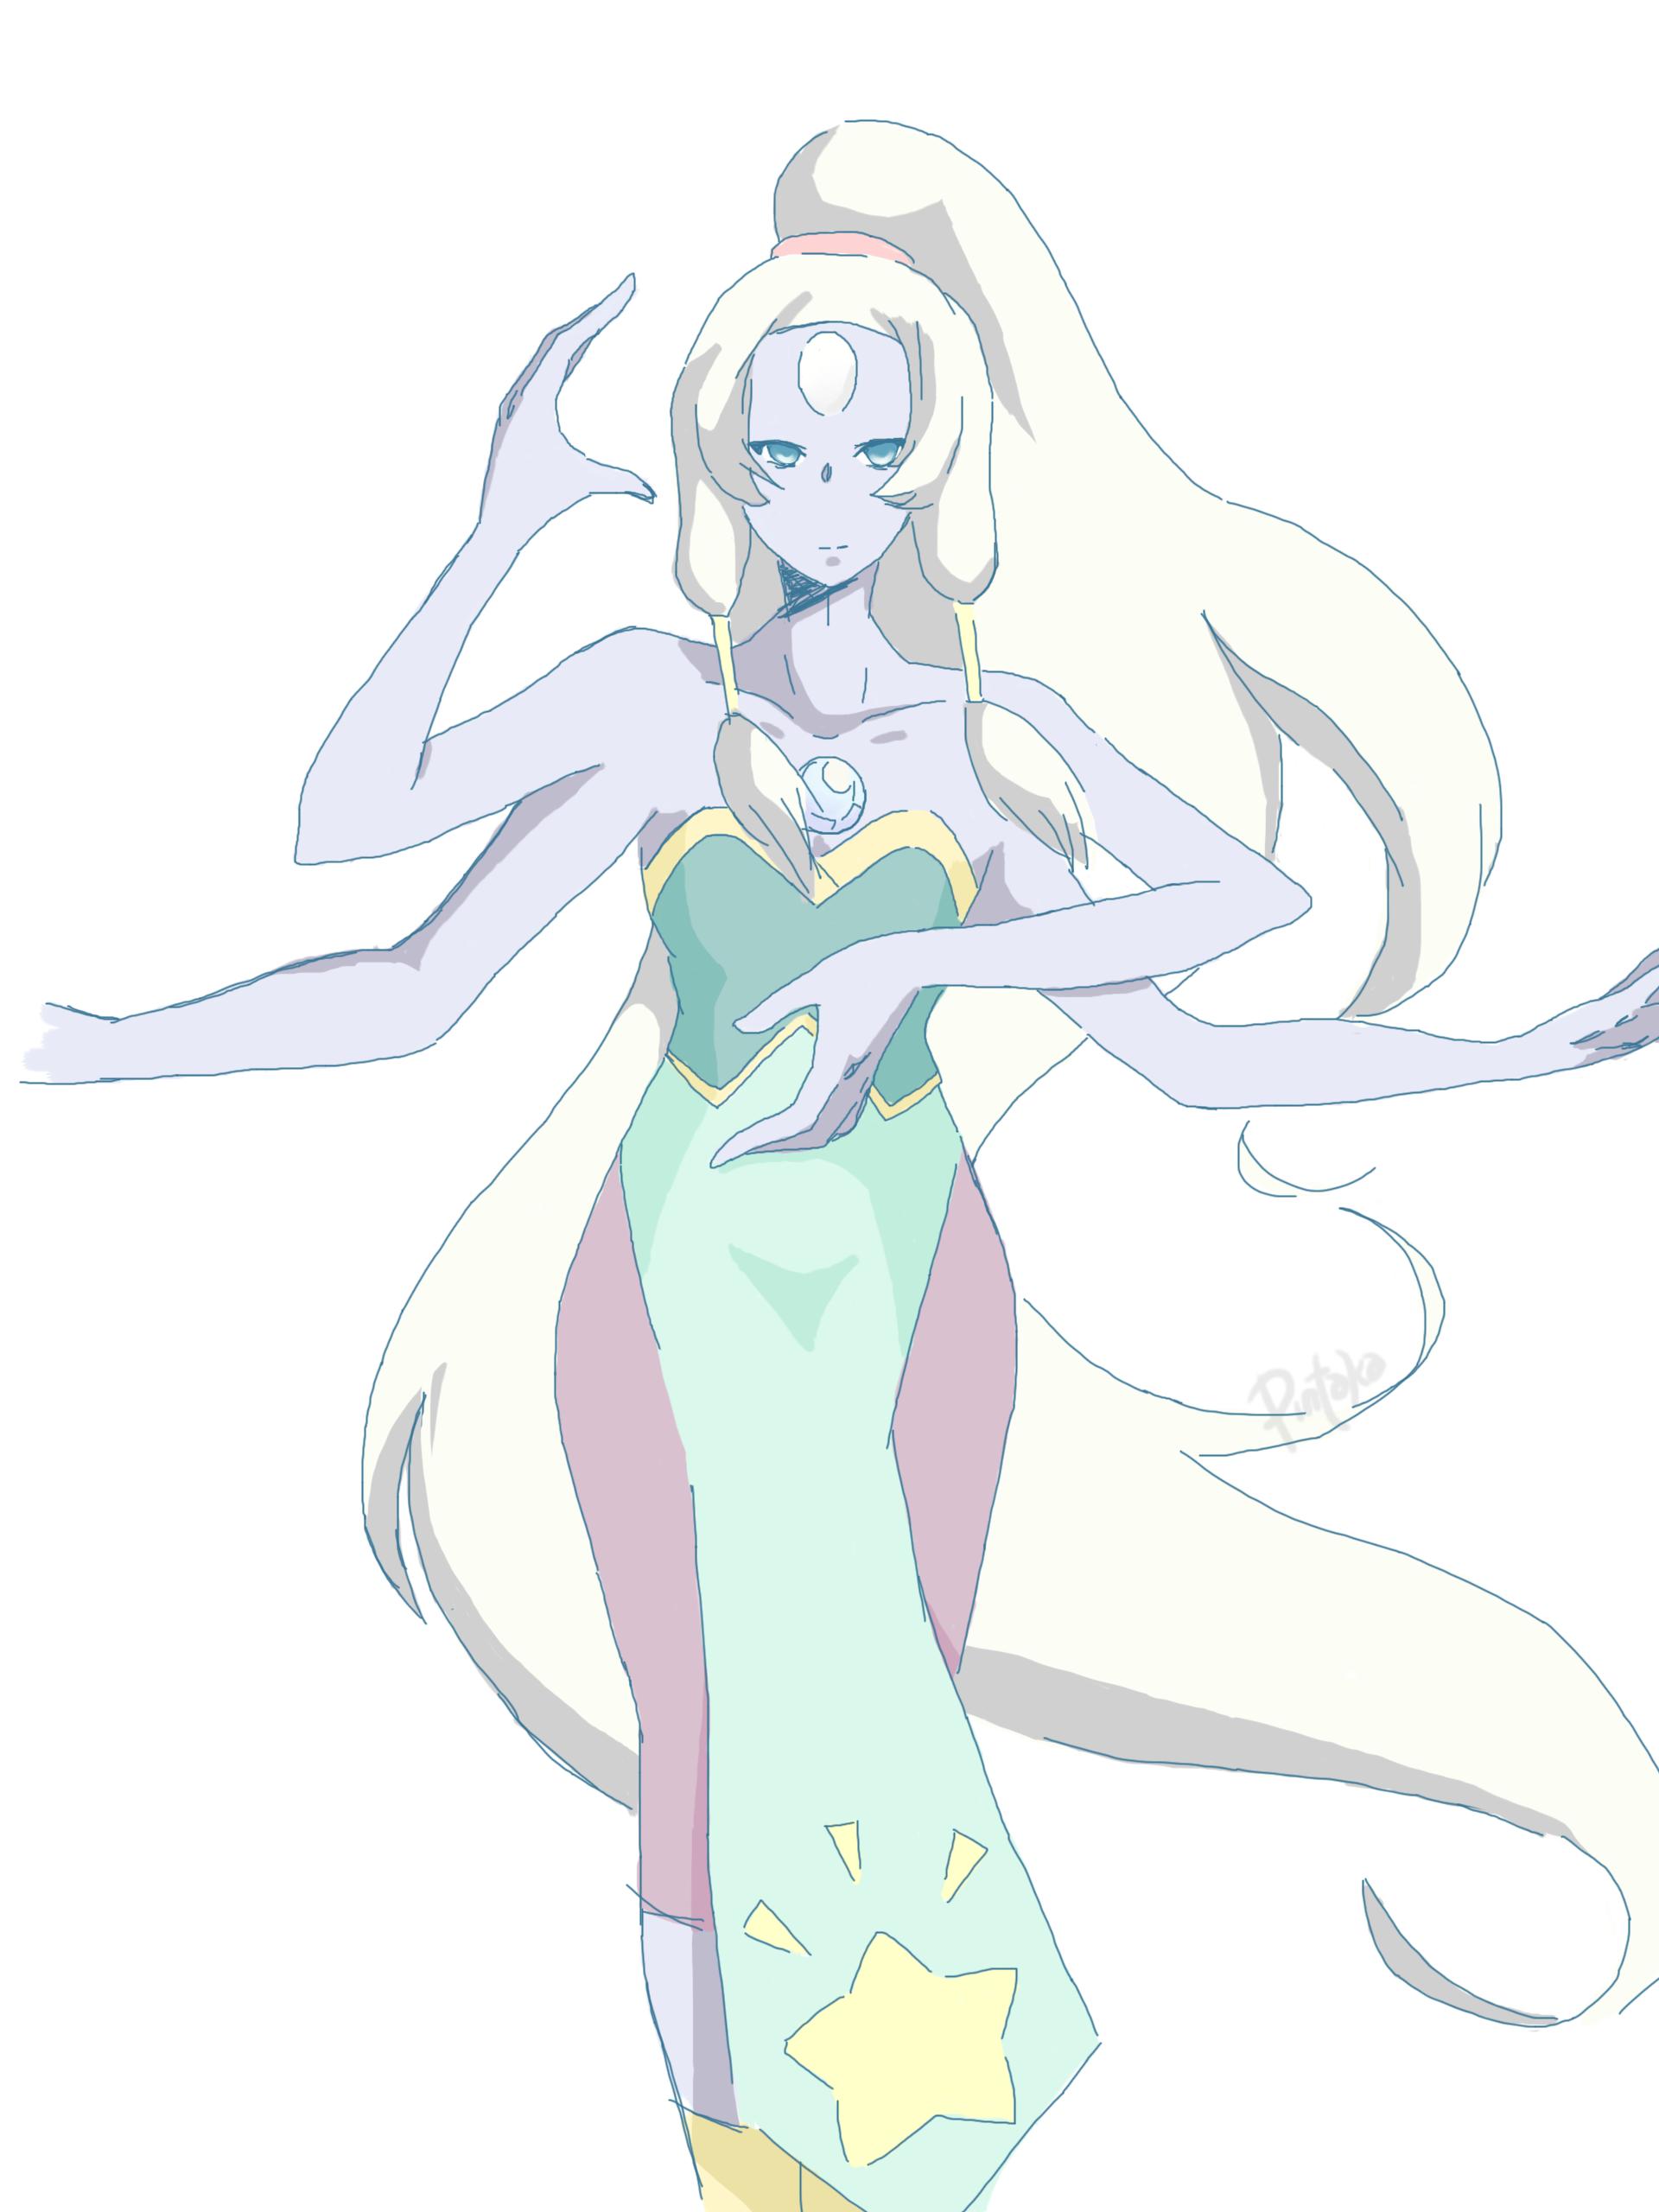 steven universe: opal by pintaka